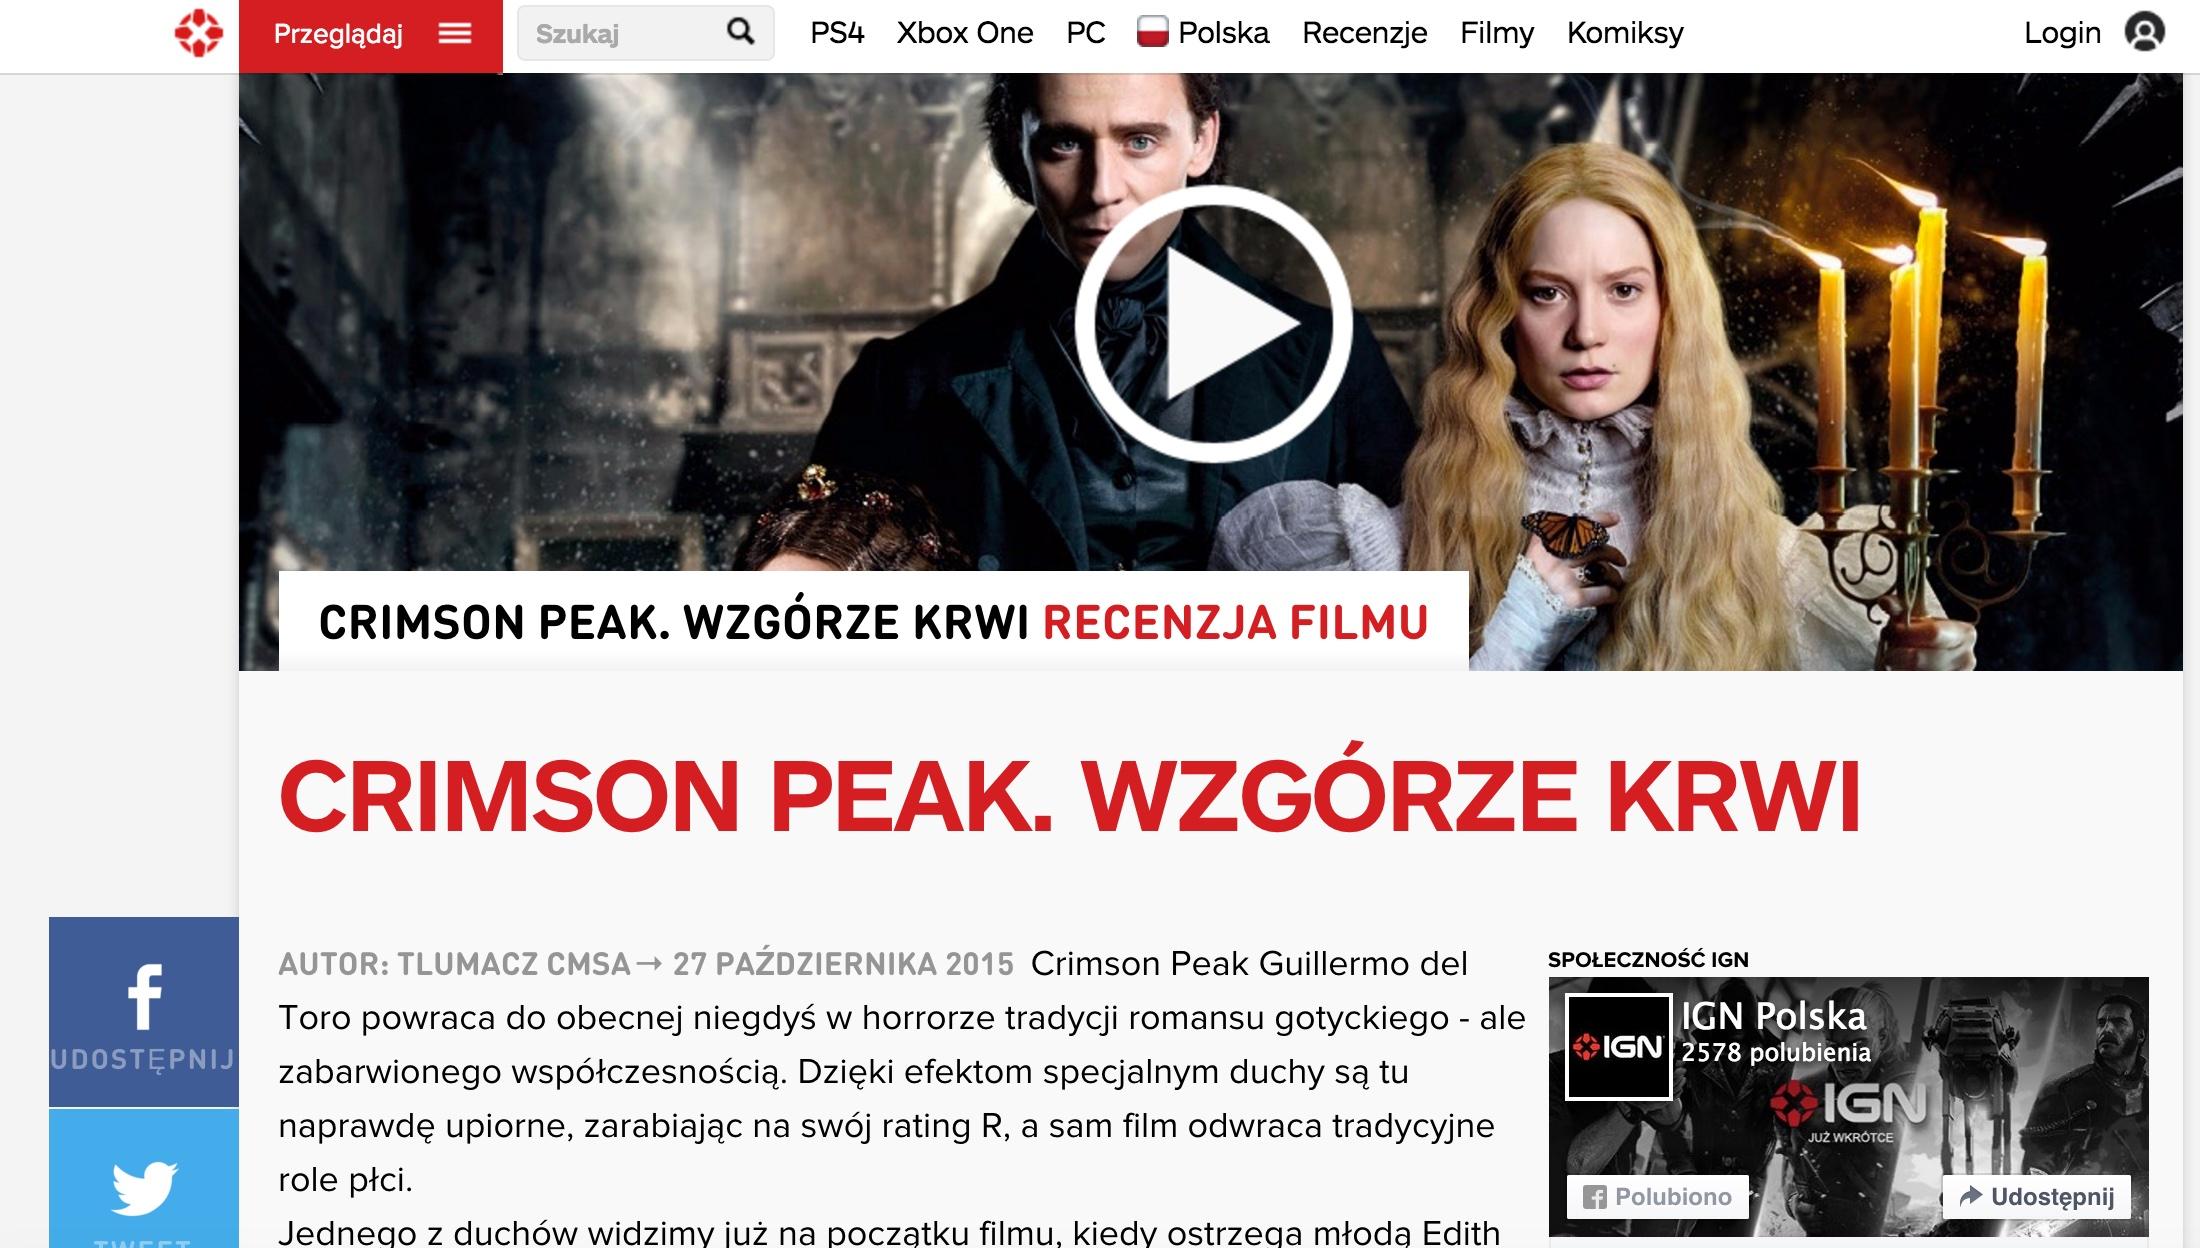 Polski IGN